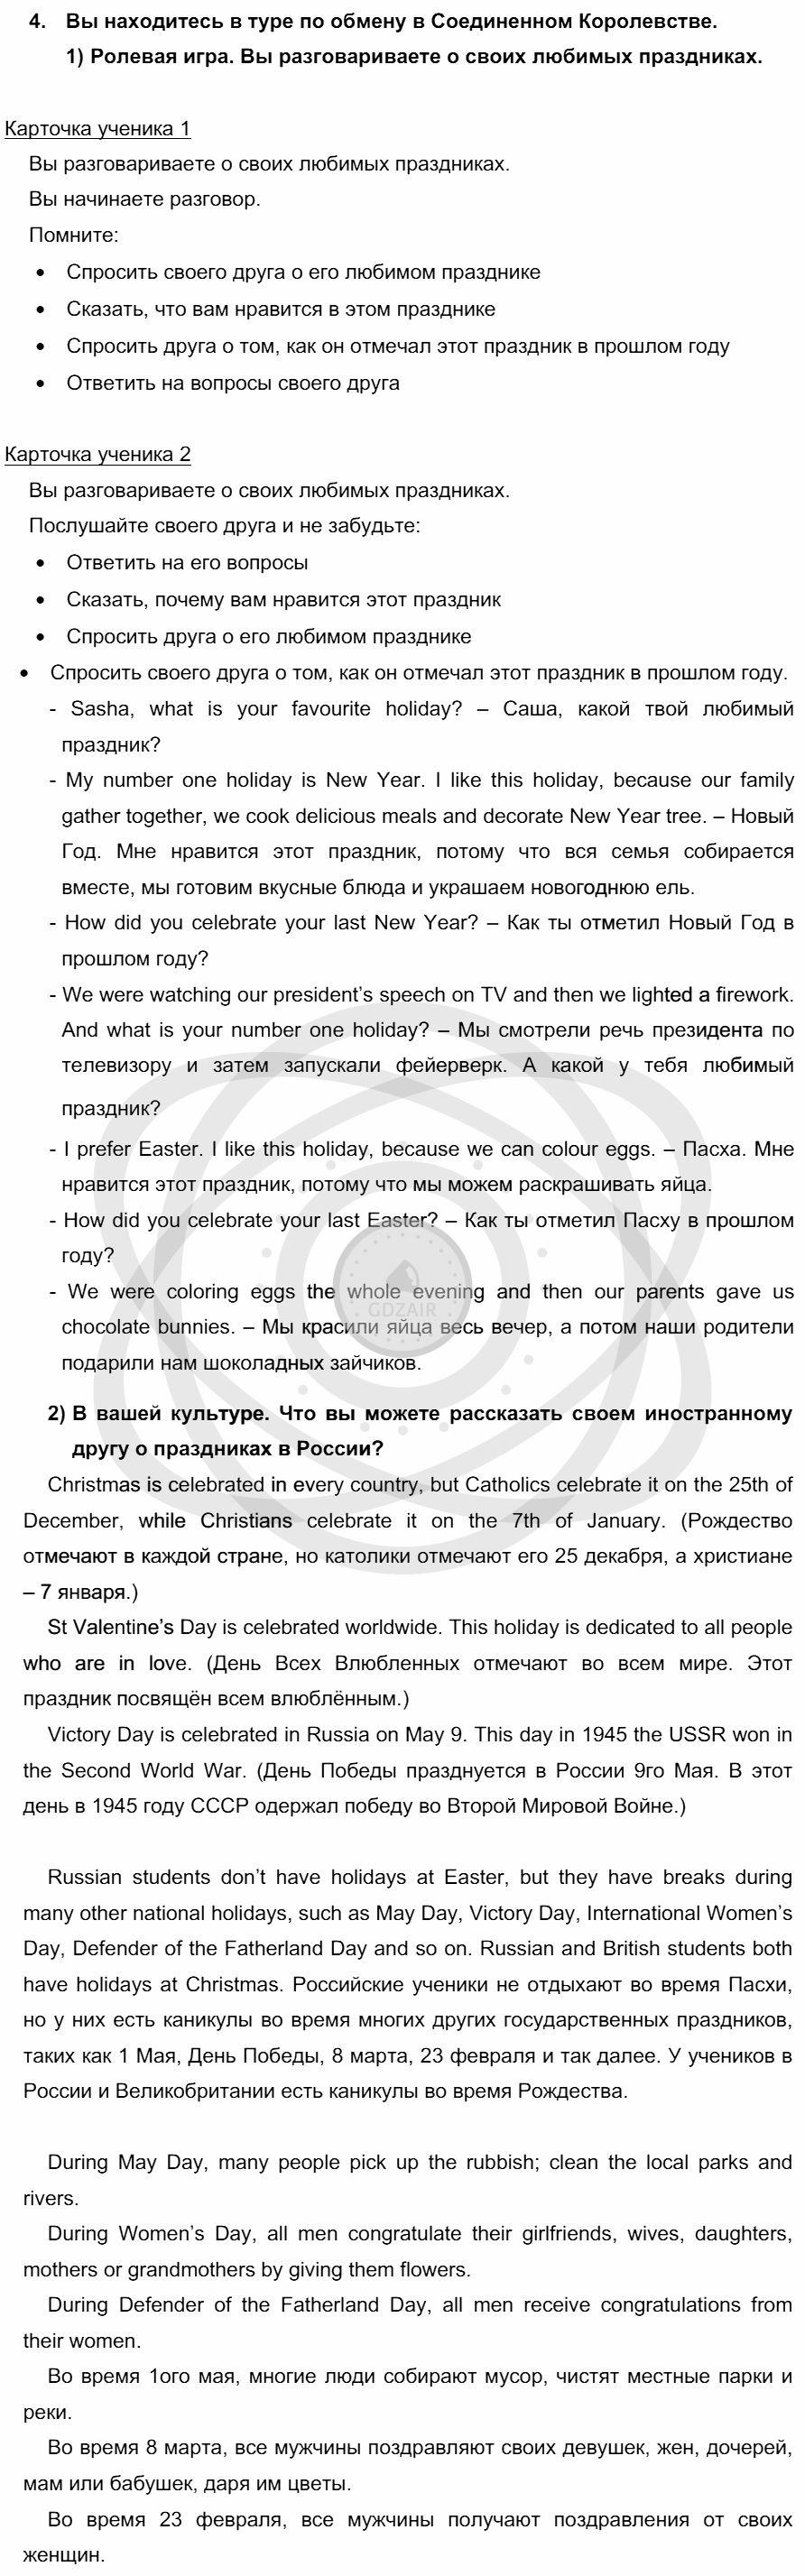 Английский язык 5 класс Кузовлев В. П. Unit 5. Мои любимые праздники / Урок 5: 4